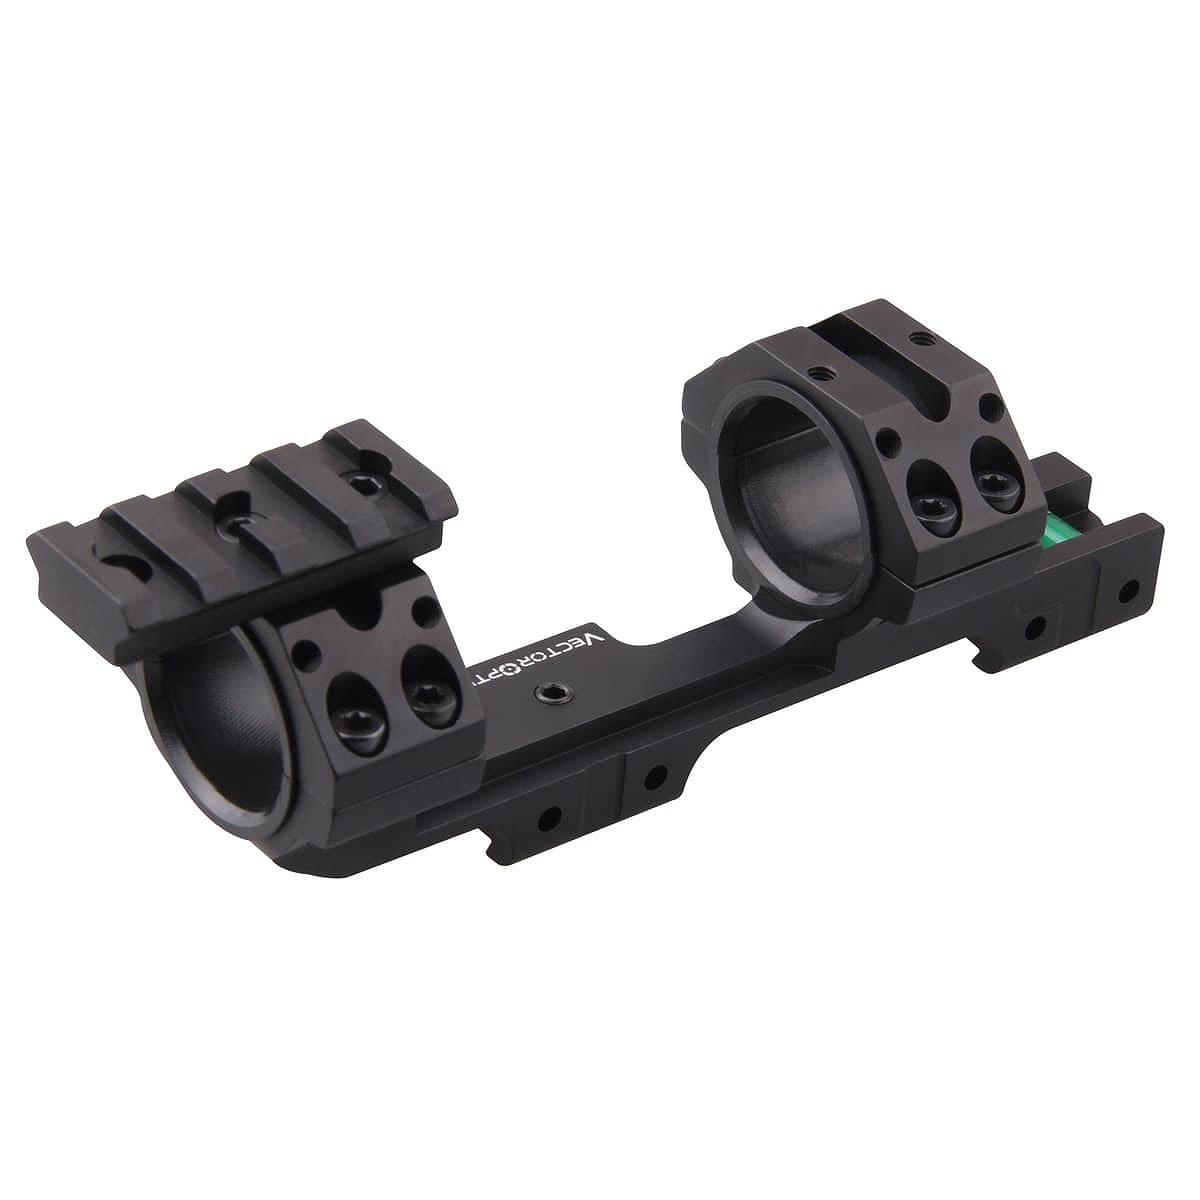 ベクターオプティクス スコープマウント 30mm One PieceDovetail Mount  Vector Optics SCACD-16